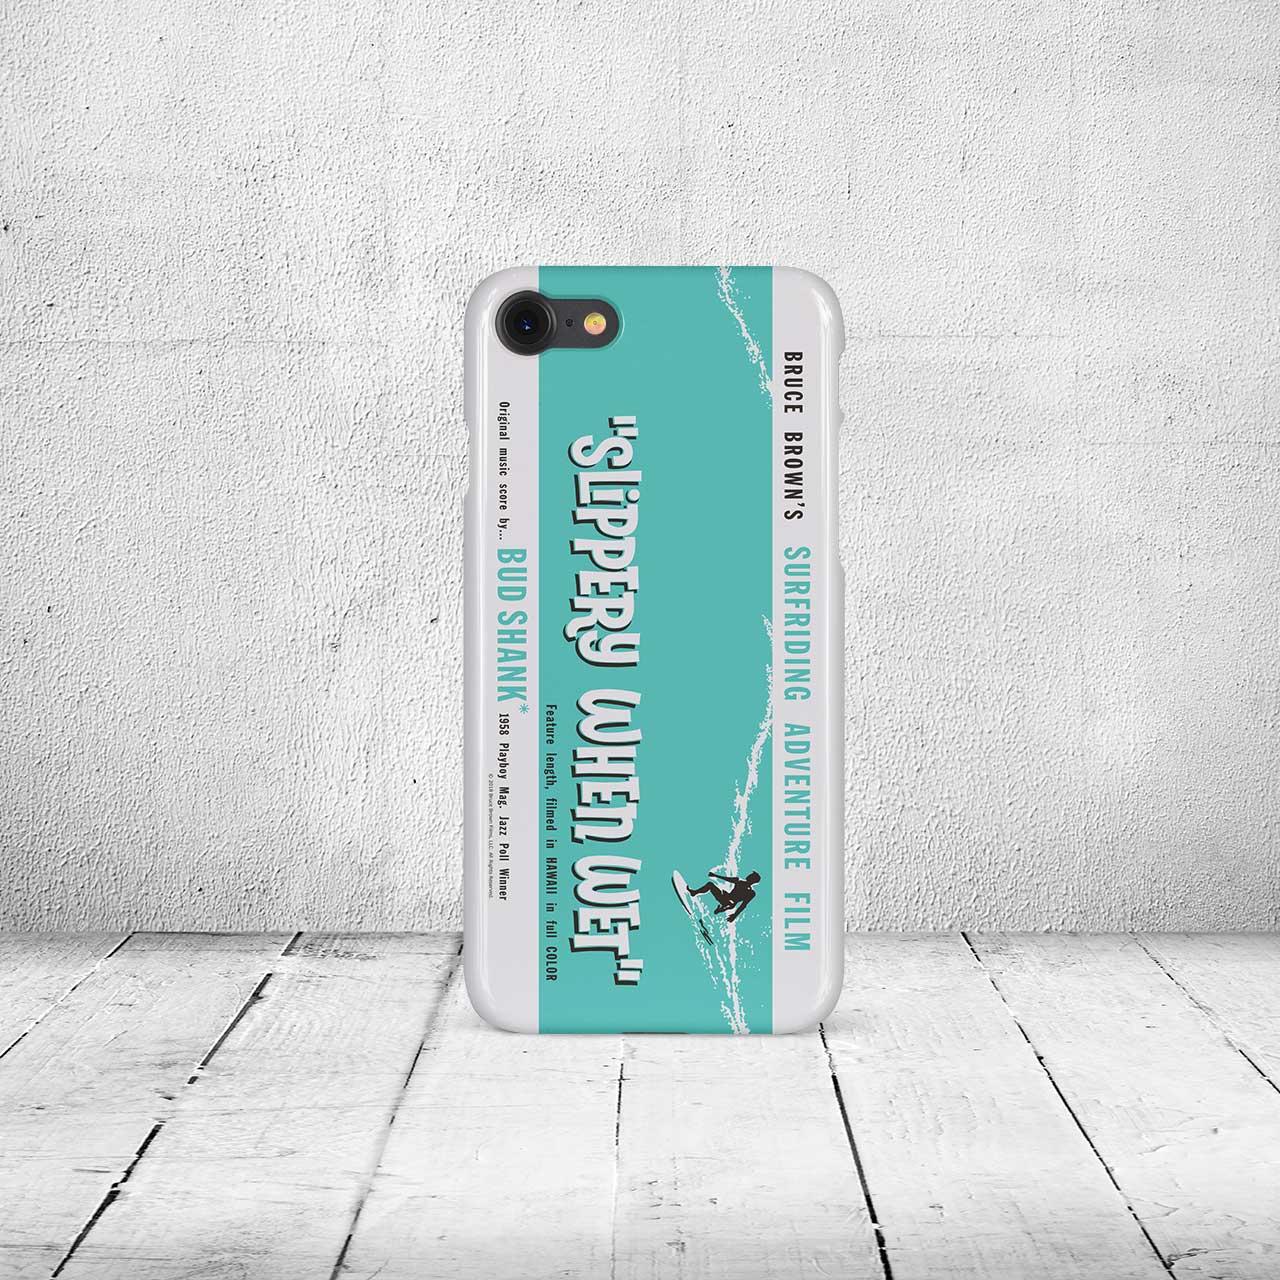 【ブルース・ブラウンフィルム】iPhone7 & 8ケース・Slippery When Wet (スリッパリーウェンウェット)